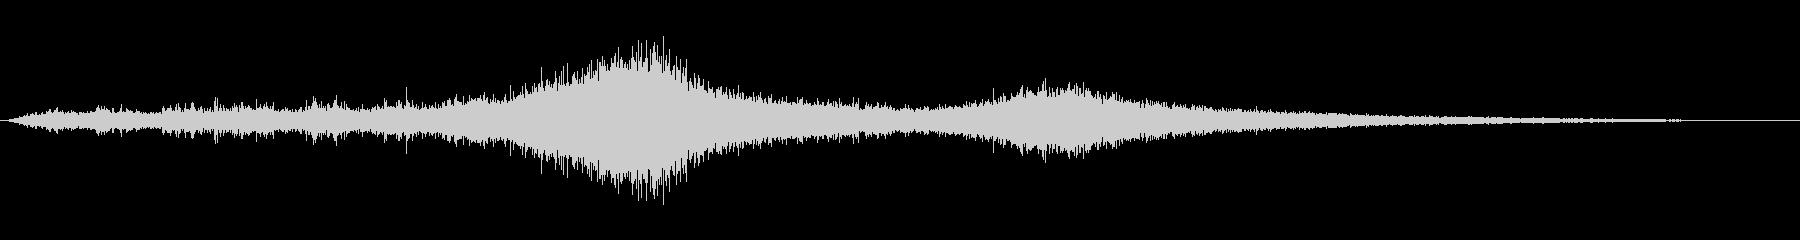 【生録音】 早朝の街 交通 環境音 3の未再生の波形